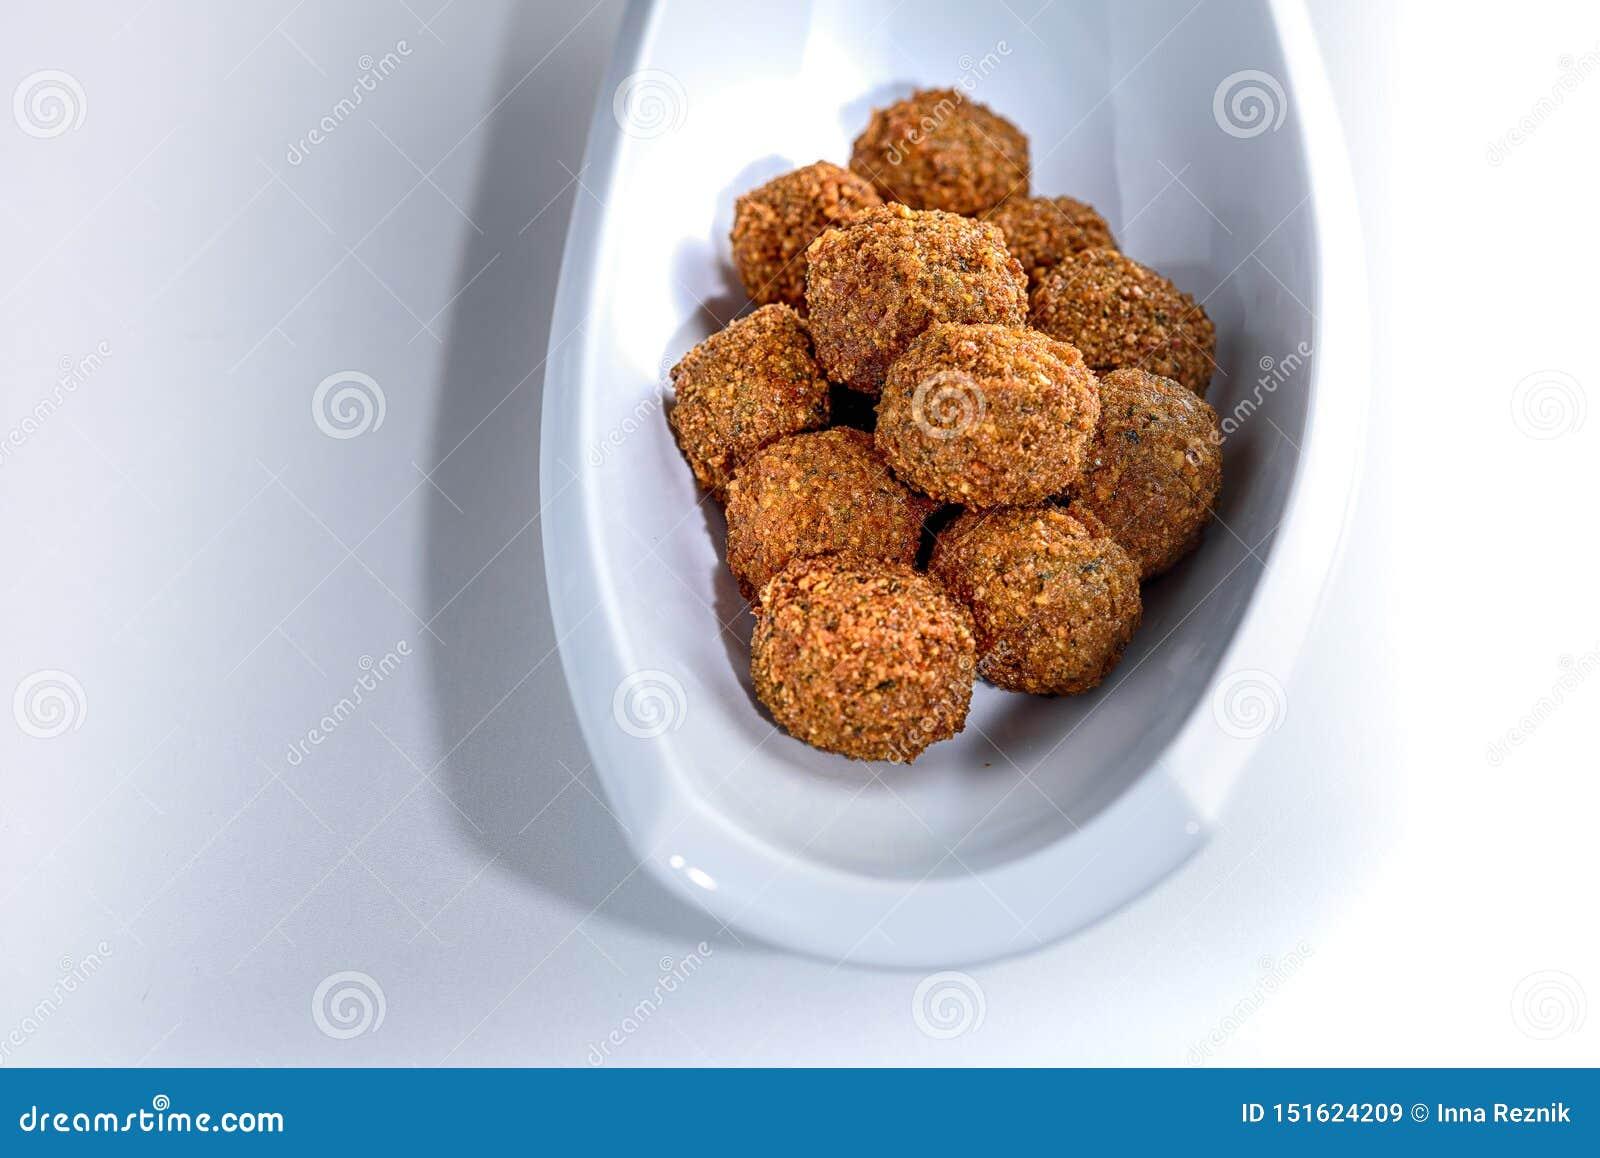 Fantastic and irresistible platter of just-fried falafel balls.